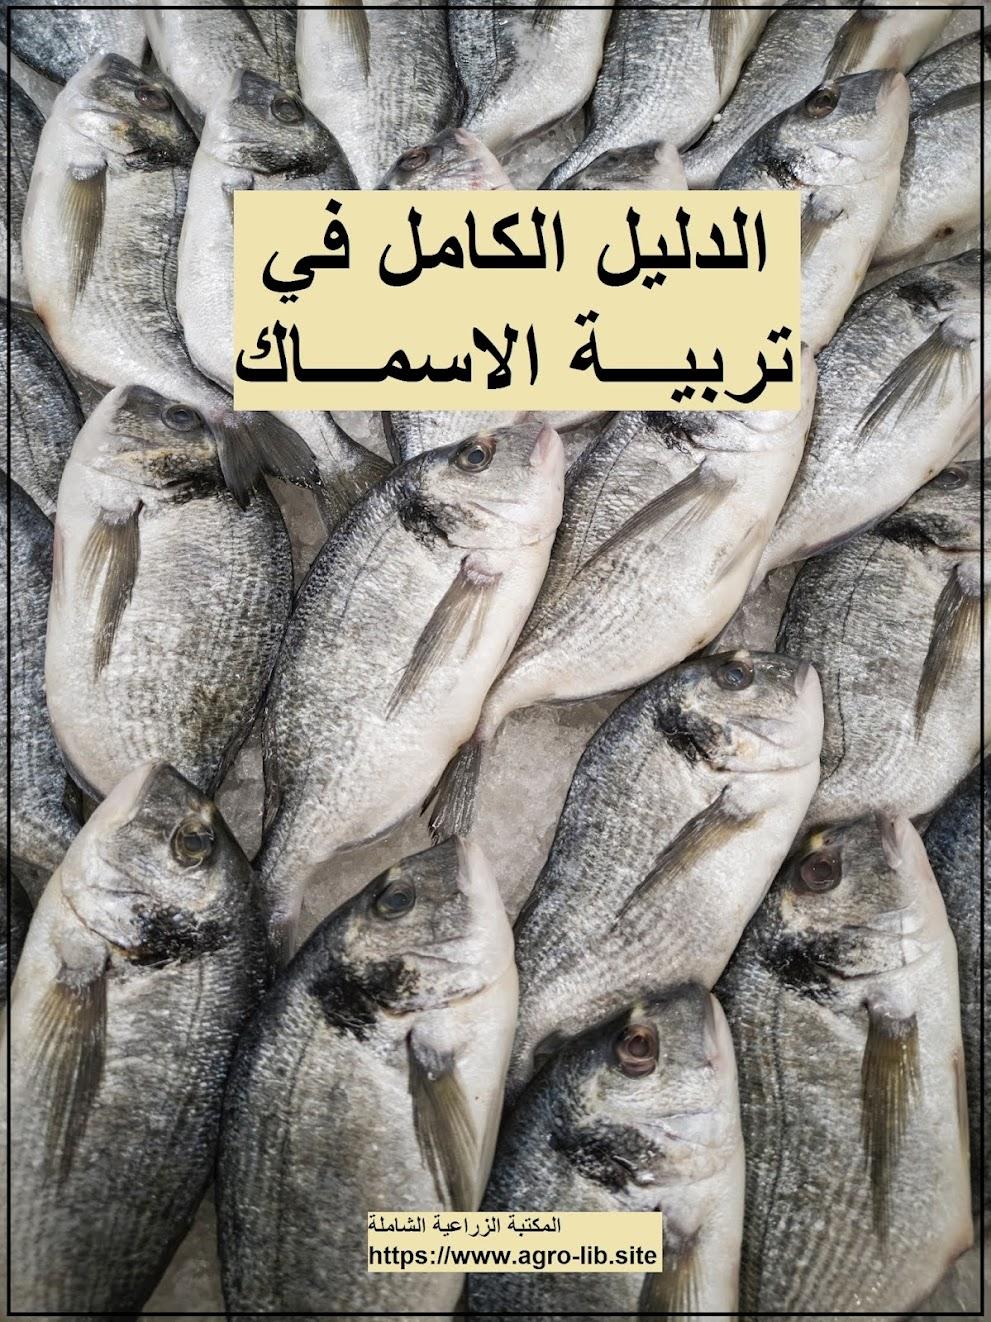 كتاب : الدليل الكامل في تربية الاسماك